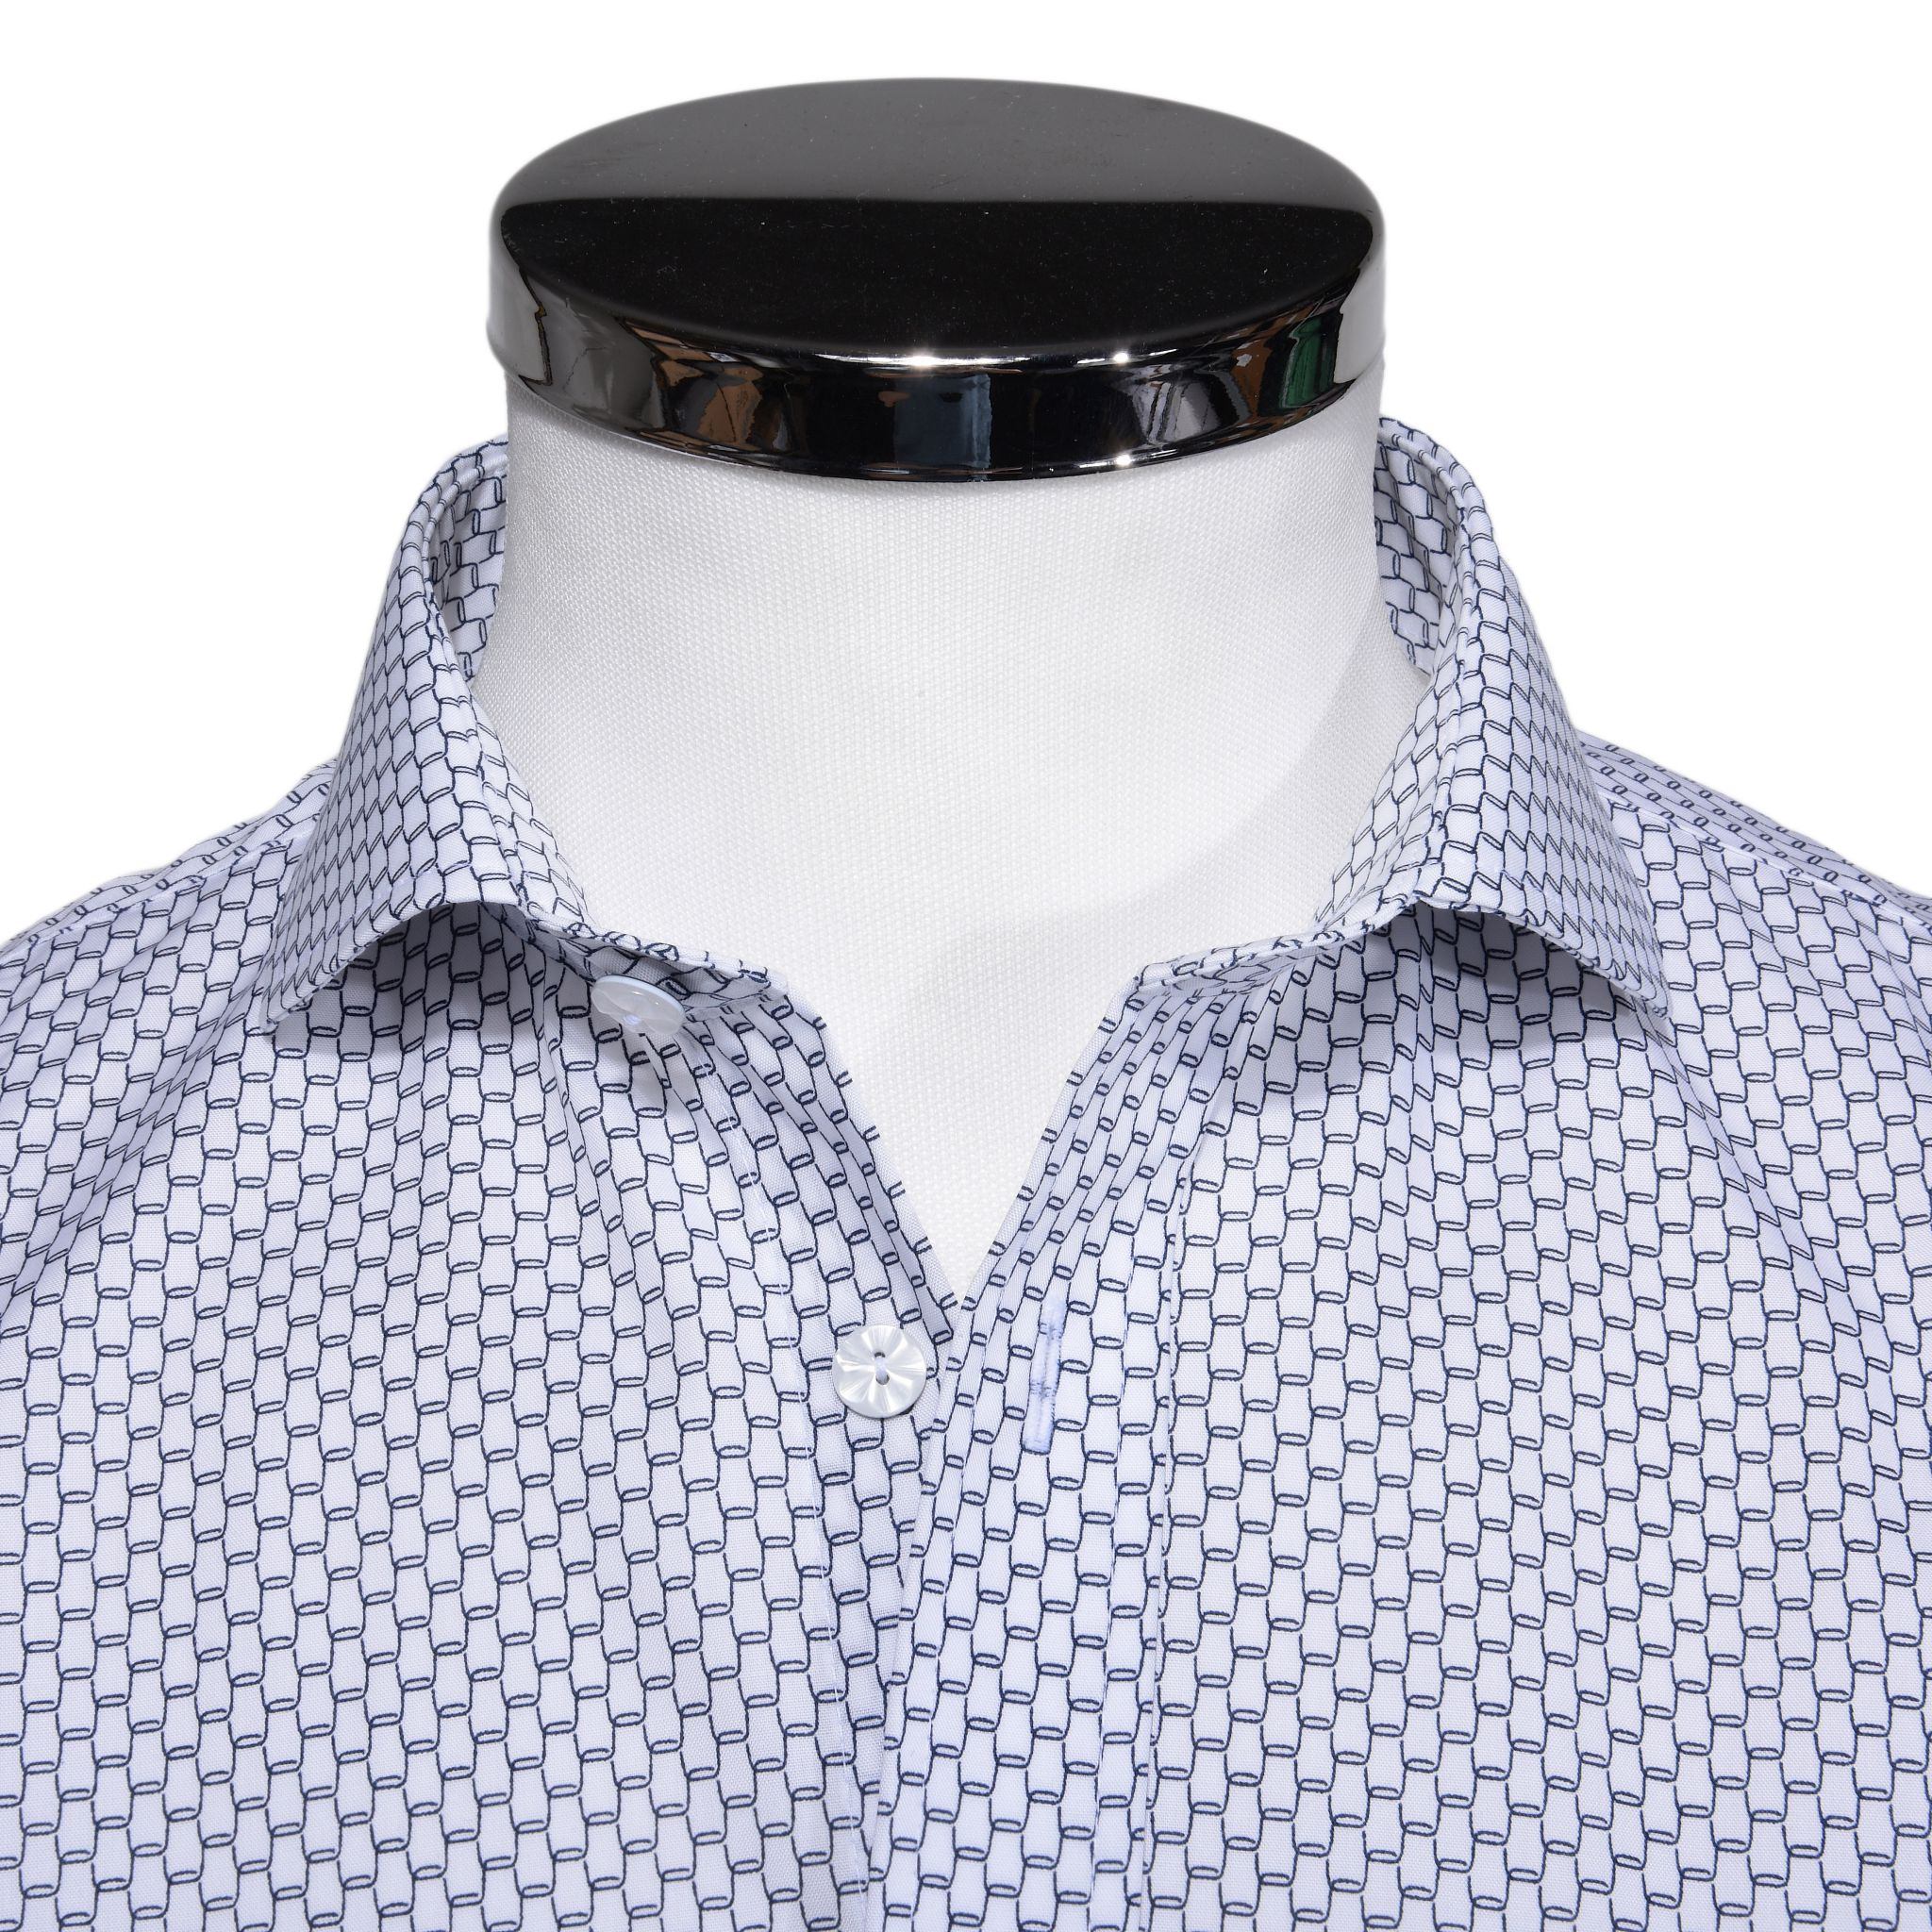 d28f1218ce17 Biela printová Slim Fit košeľa s krátkym rukávom - Košile krátky ...